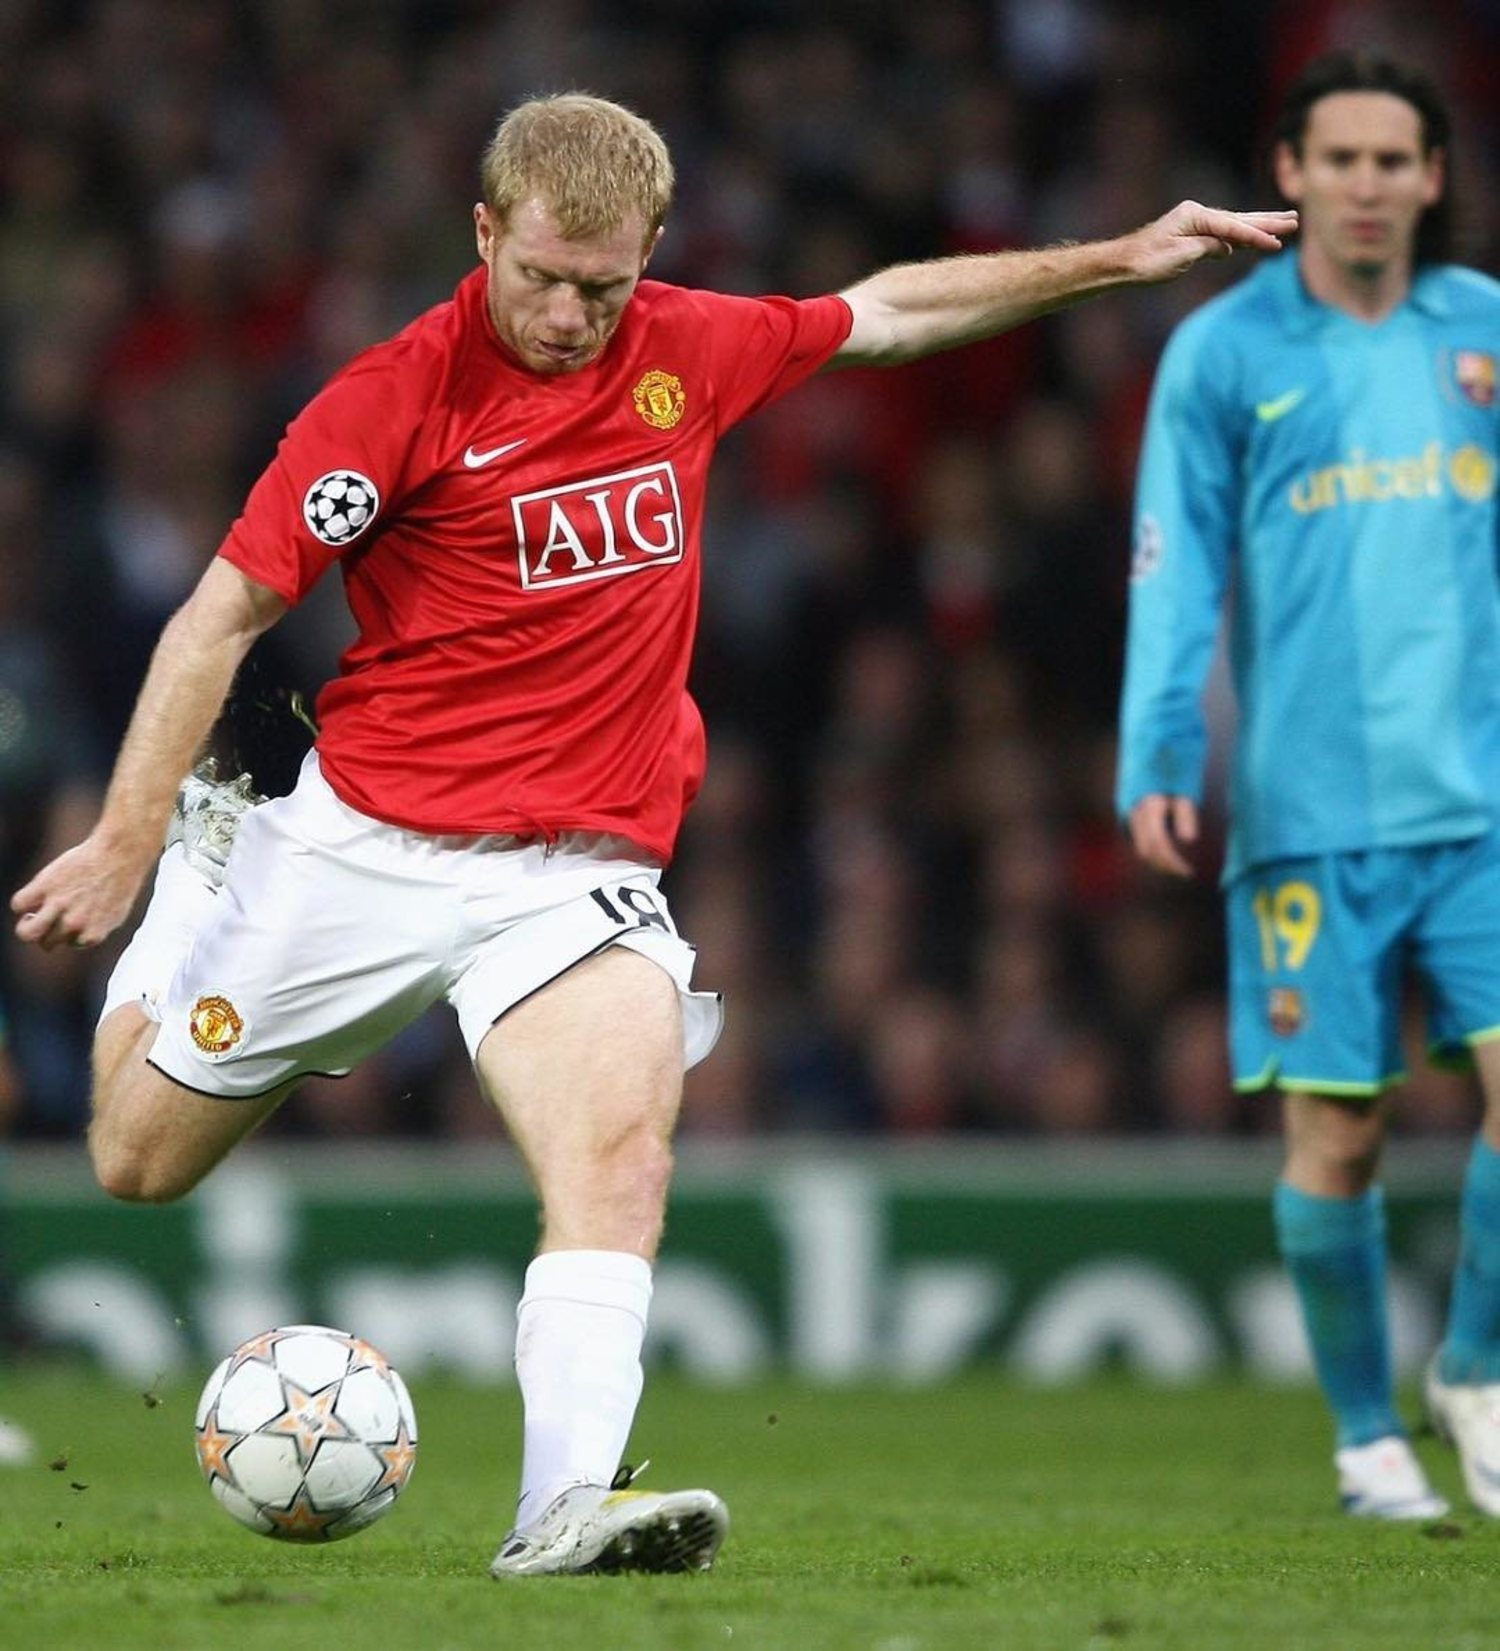 El centrocampista inglés se retiró en 2011. Sin embargo, Sir Alex Ferguson le convenció para que volviera al equipo un año después, debido a la plaga de lesiones que sufrió el Manchester United aquel año.